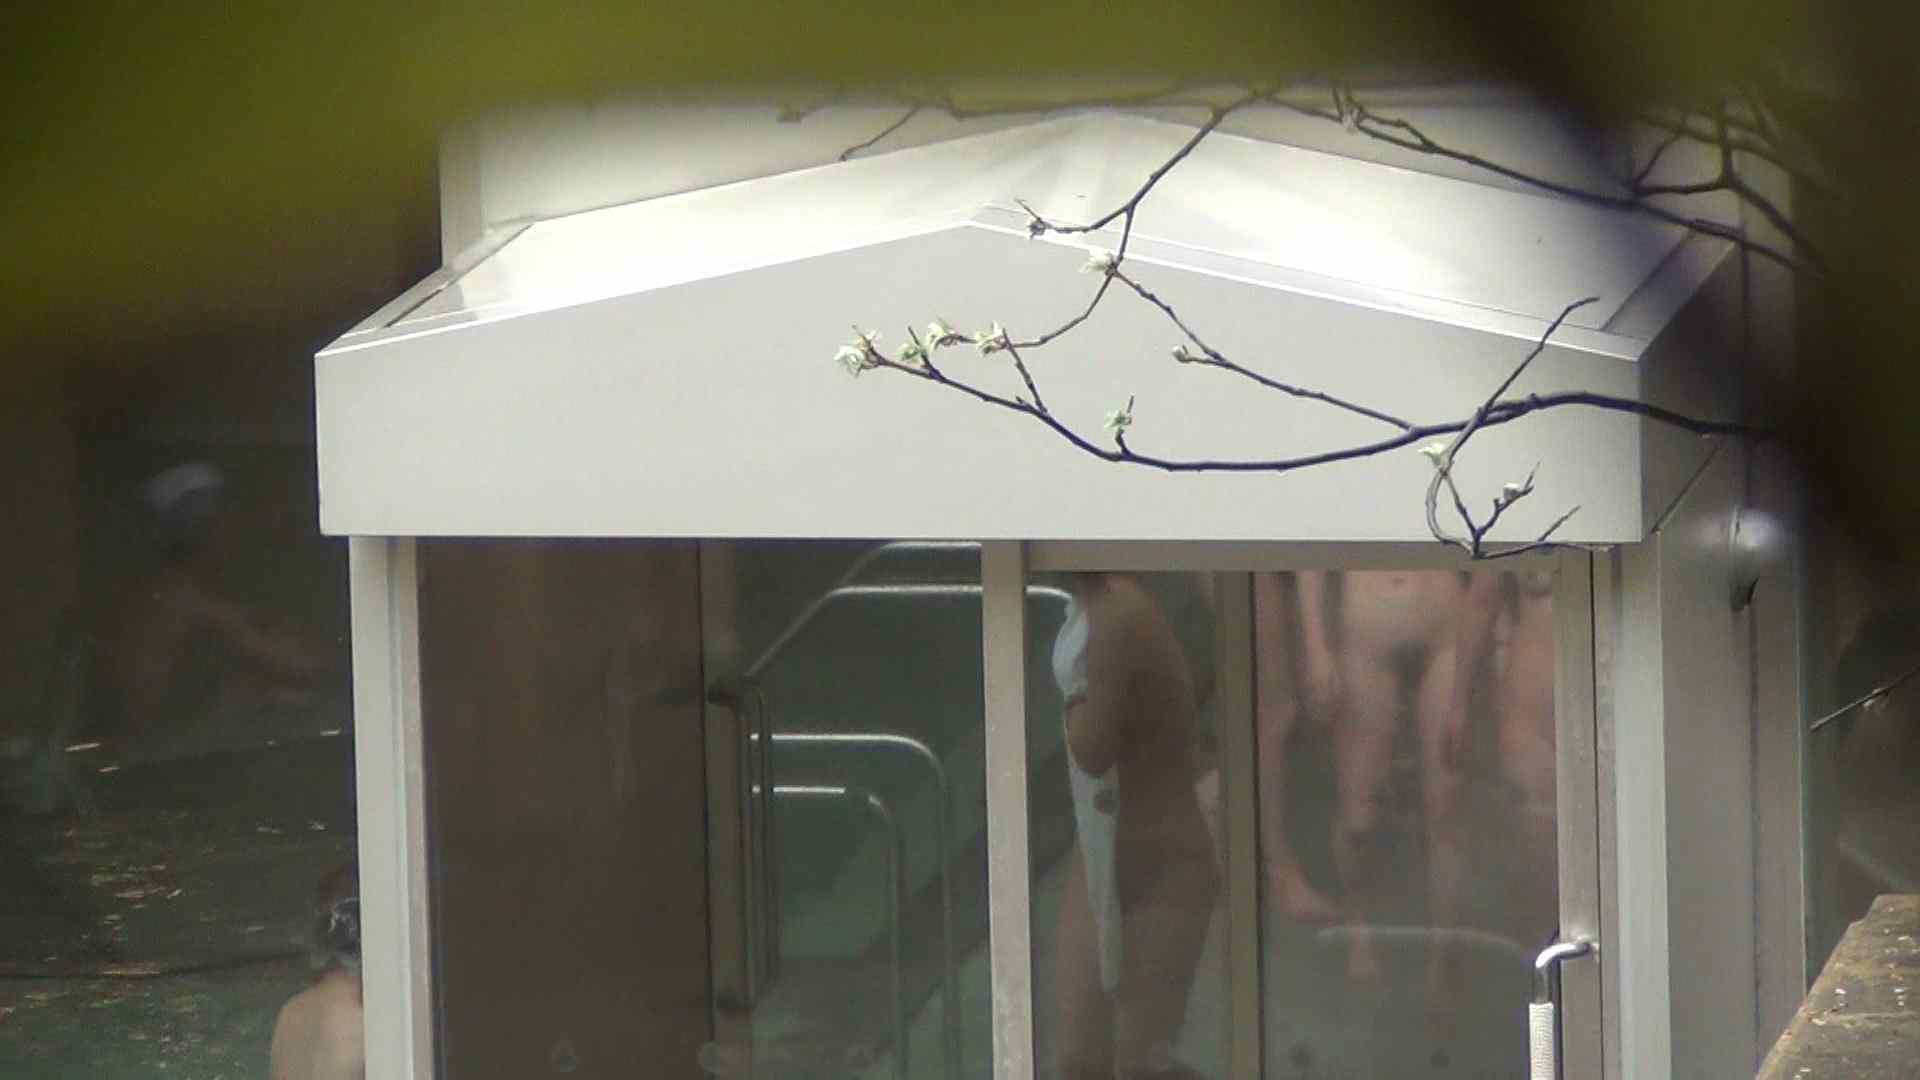 無修正エロ動画|ハイビジョンVol.4 お女市さま露天で女子会開催中|怪盗ジョーカー